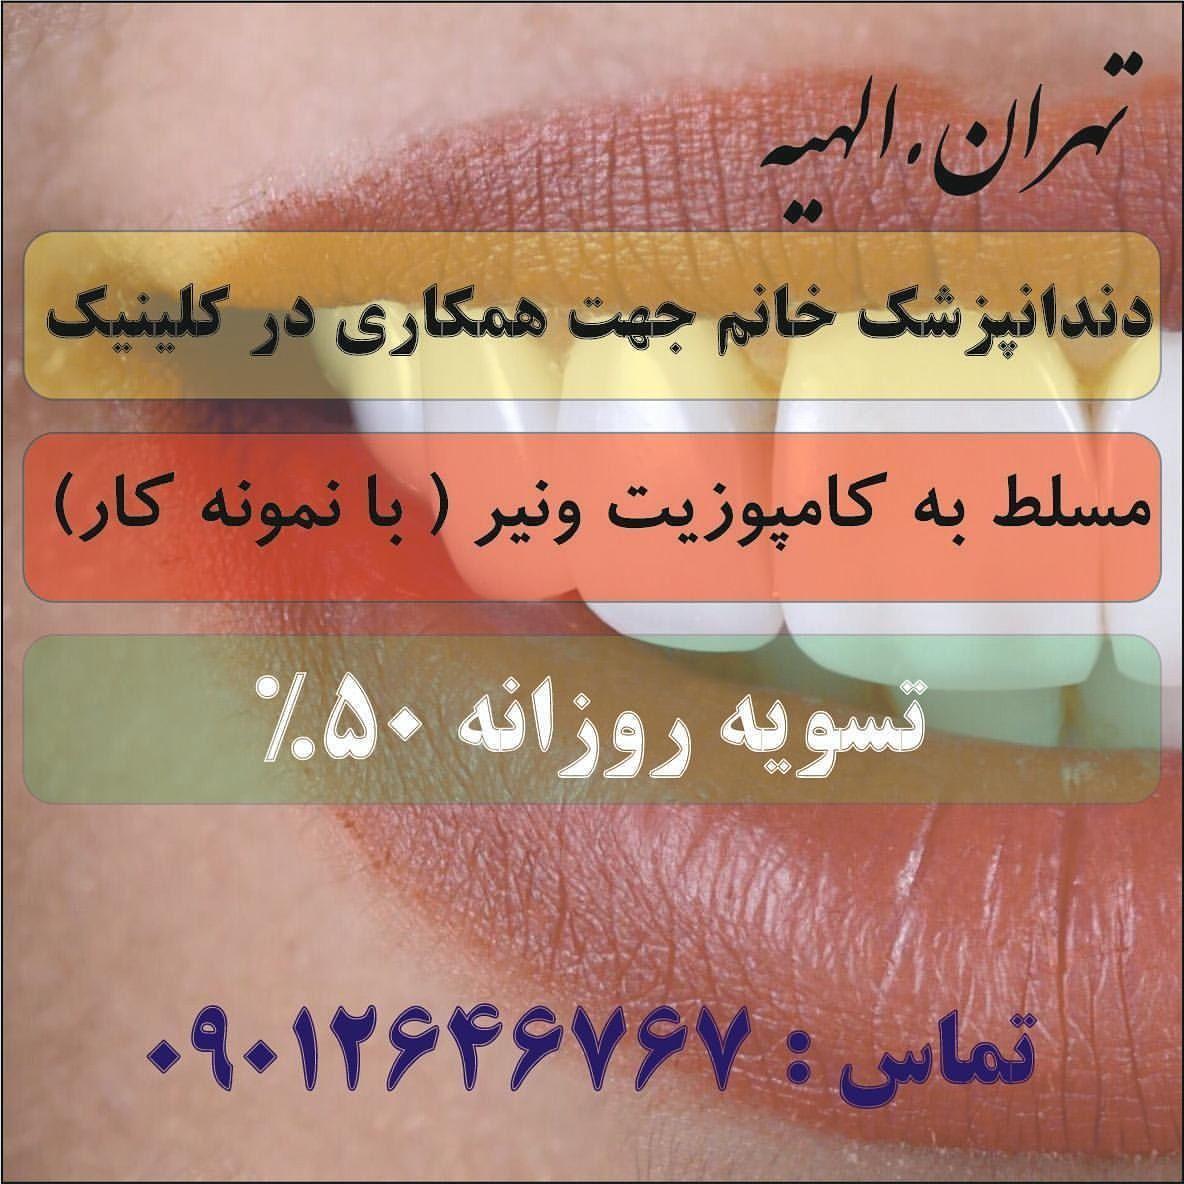 تهران: الهیه، نیاز به دندانپزشک خانم